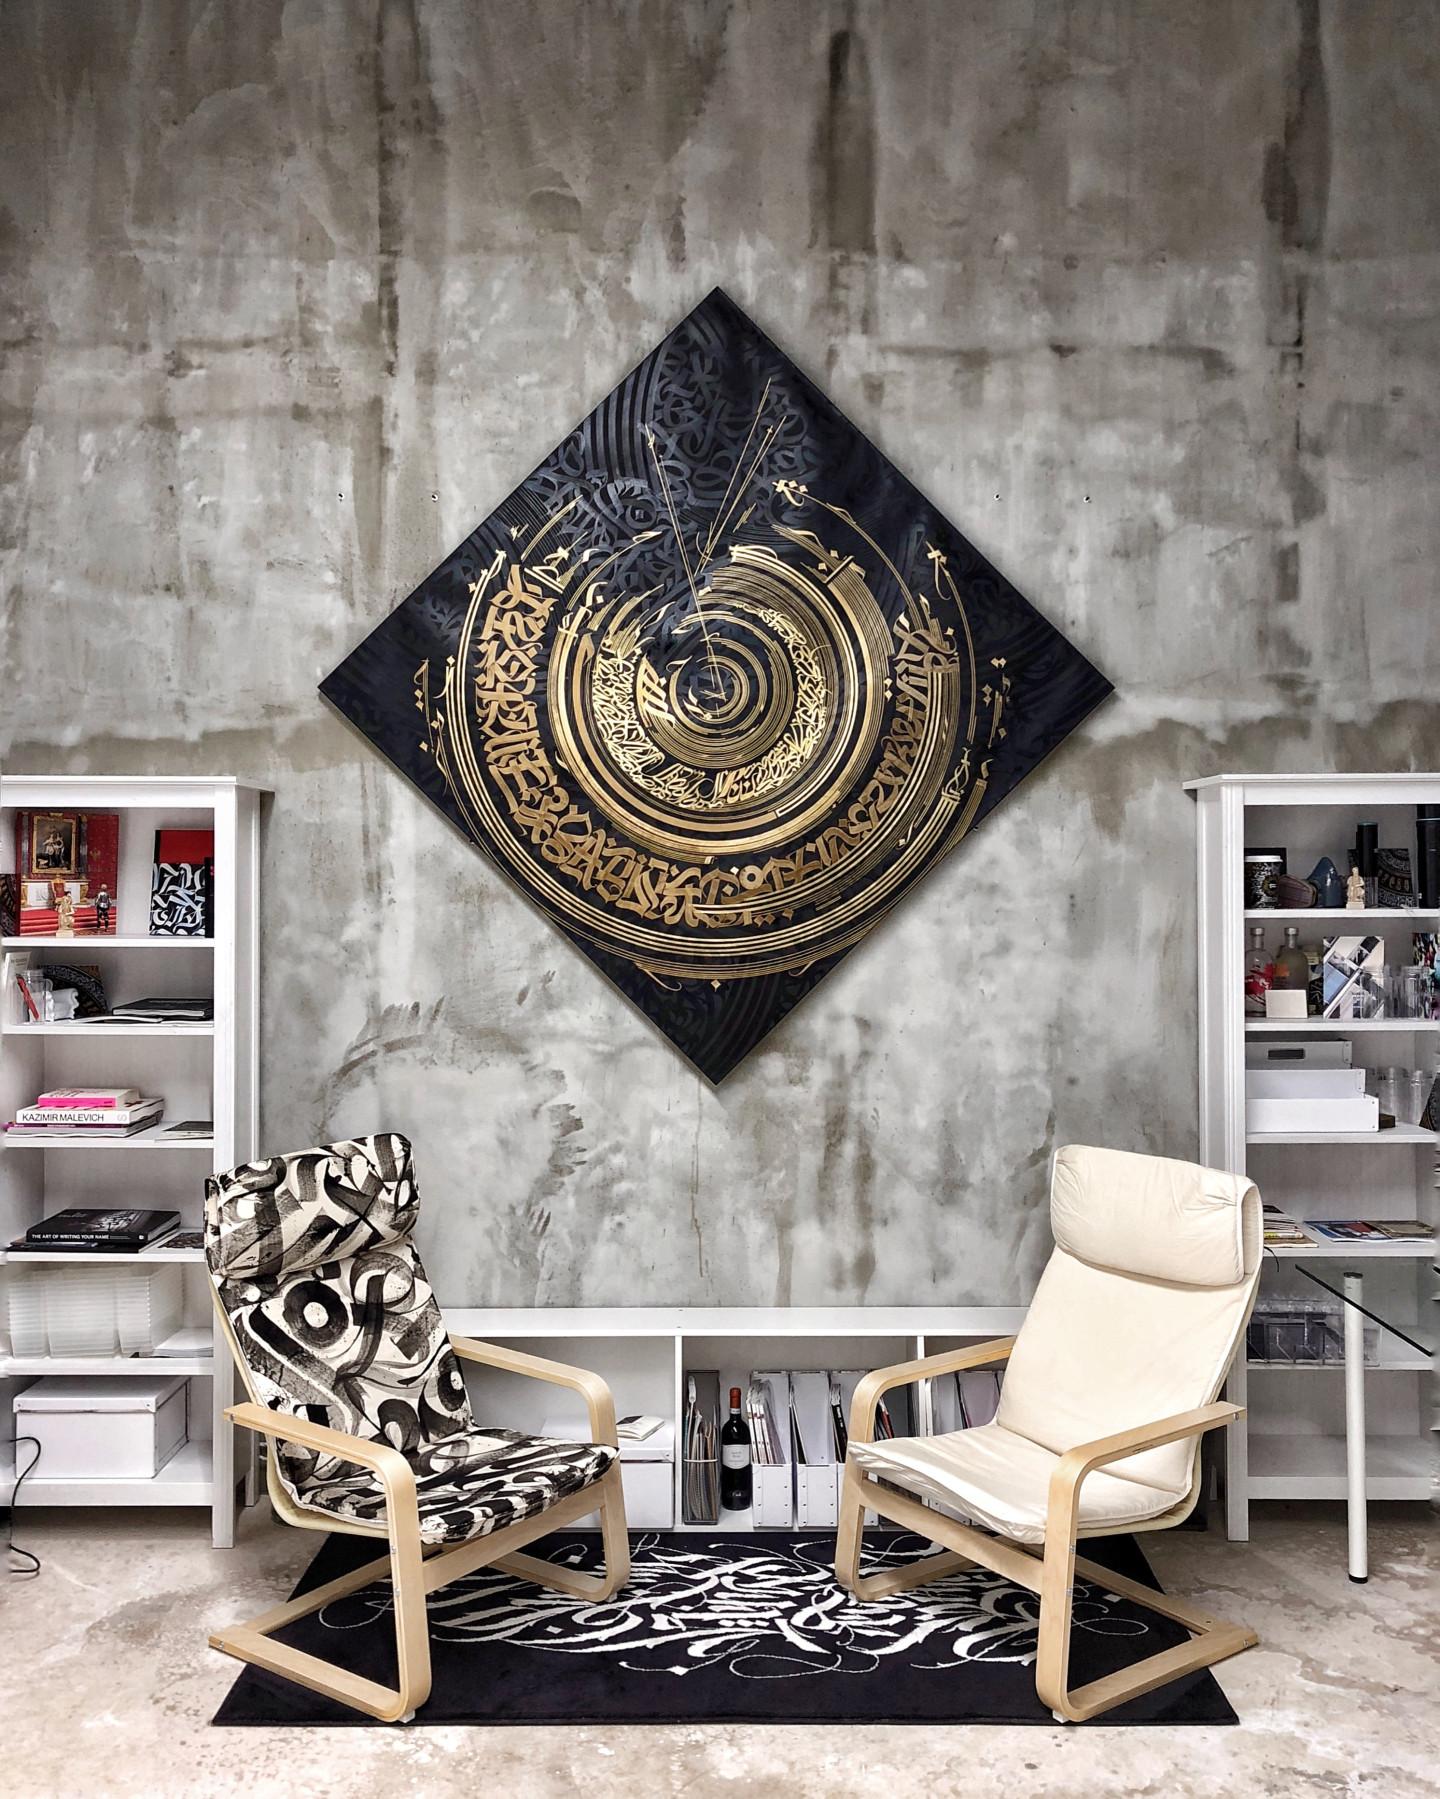 Работа Покраса Лампаса для IKEA